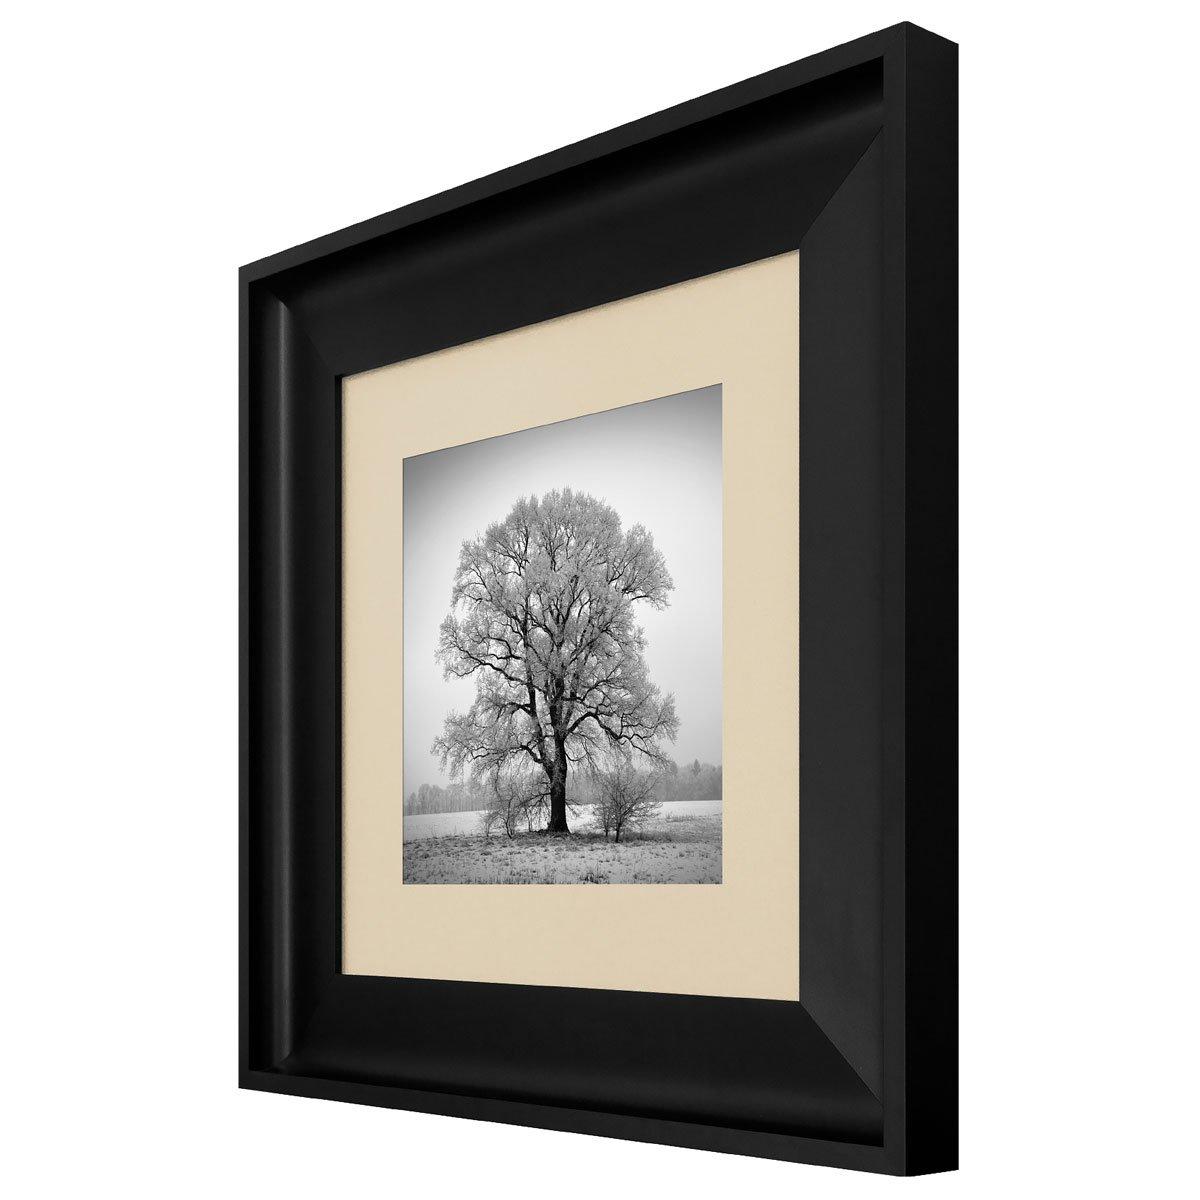 1a28efb09 Quadro com Moldura Preta Paisagem Árvore sem Folhas 60x60cm - Decore ...